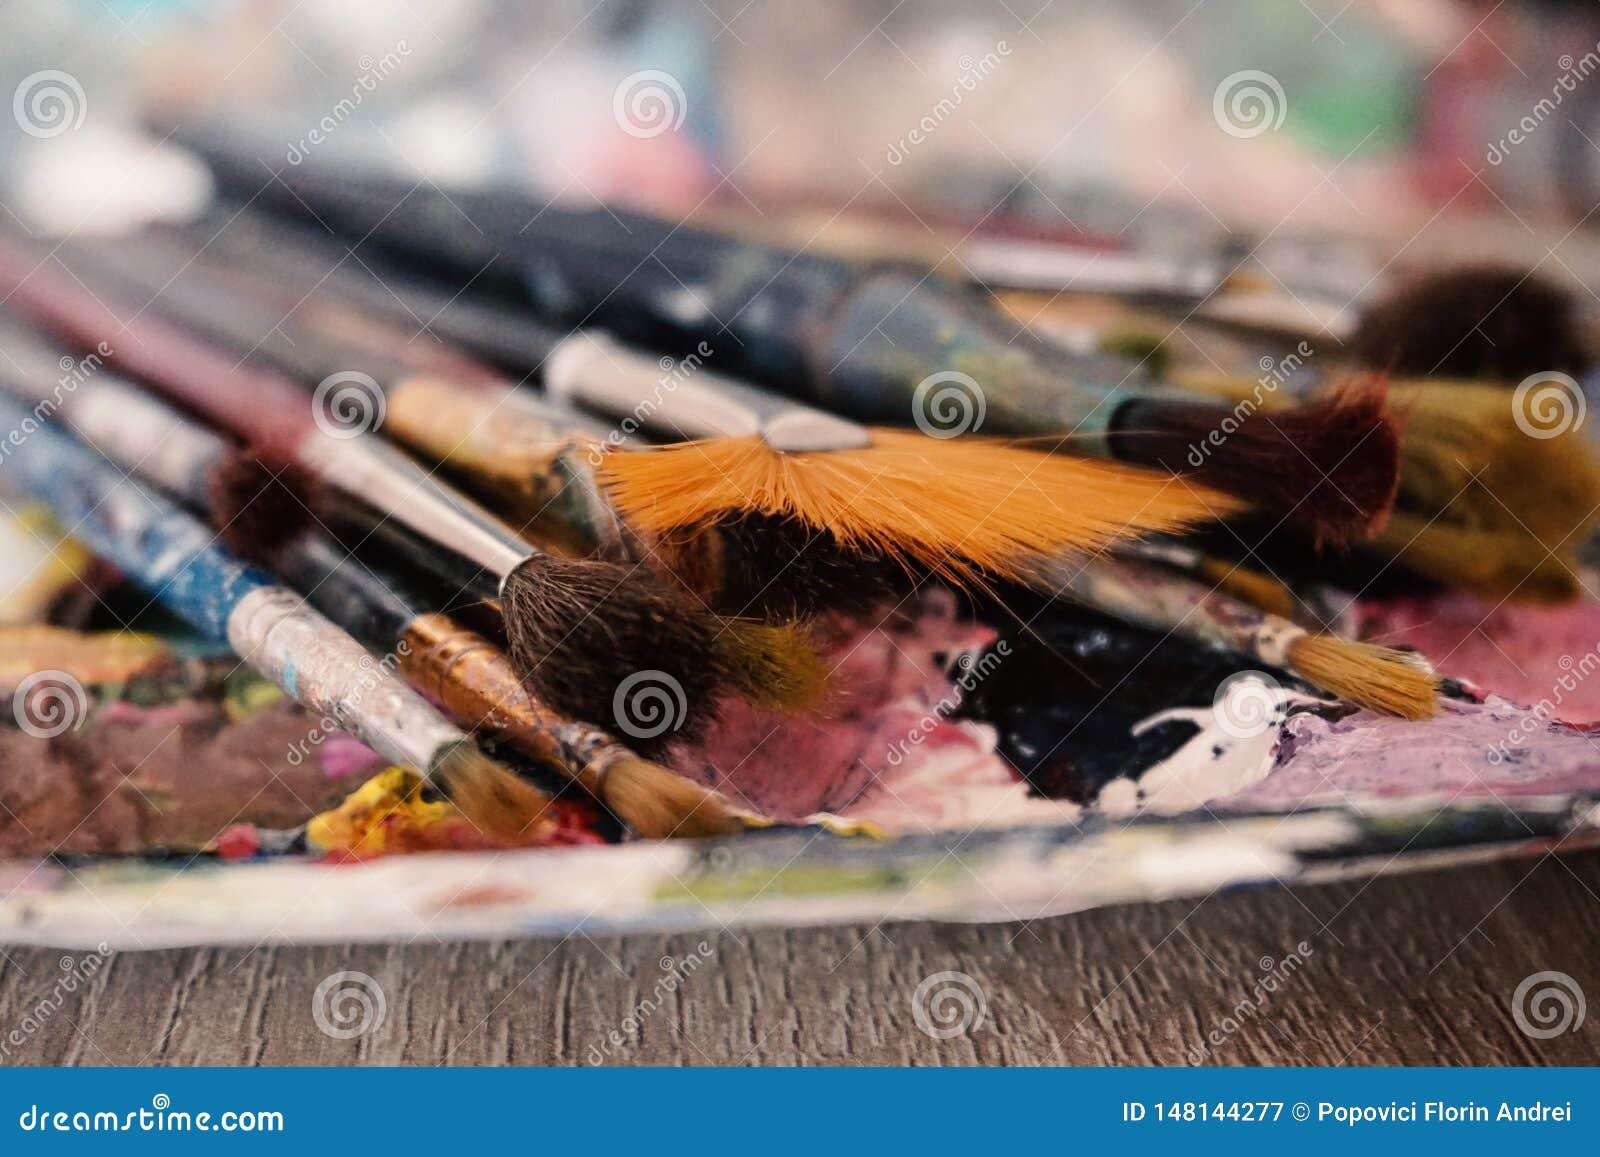 Brochas colocadas en la paleta de colores, tiro macro con el fondo borroso